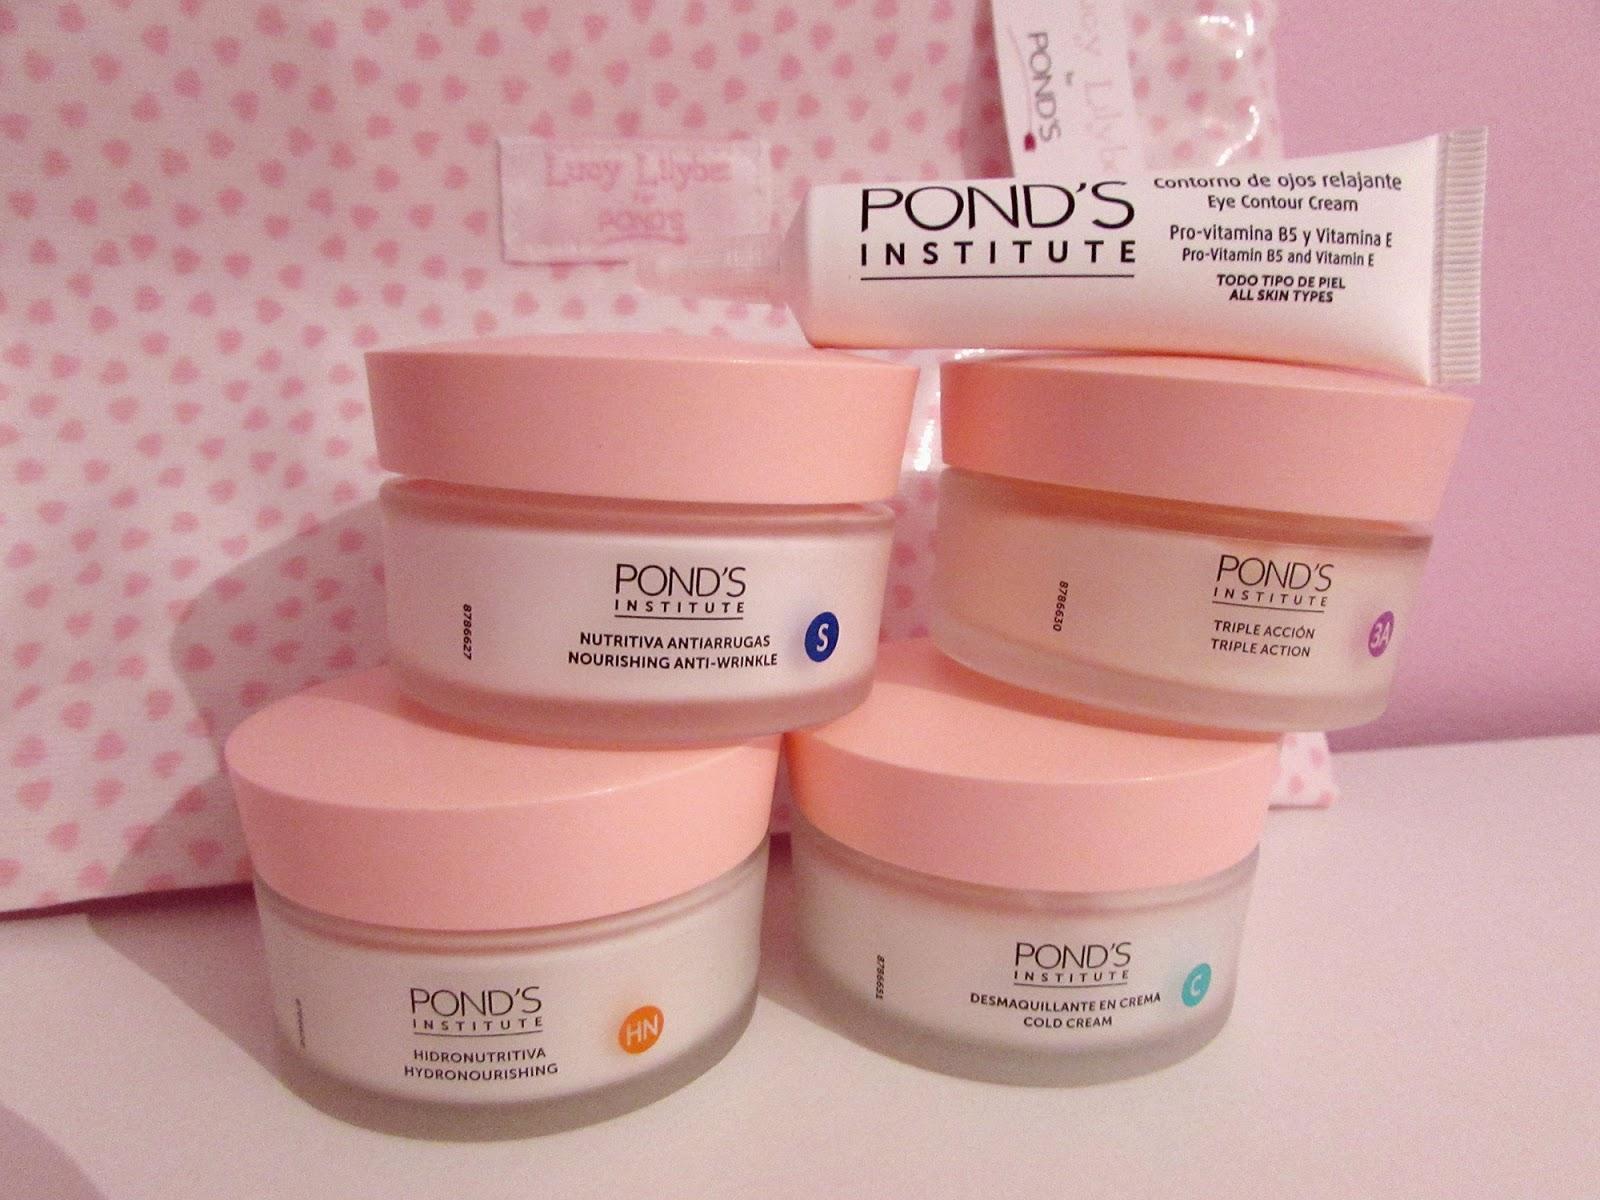 Pond's Institute Skincare